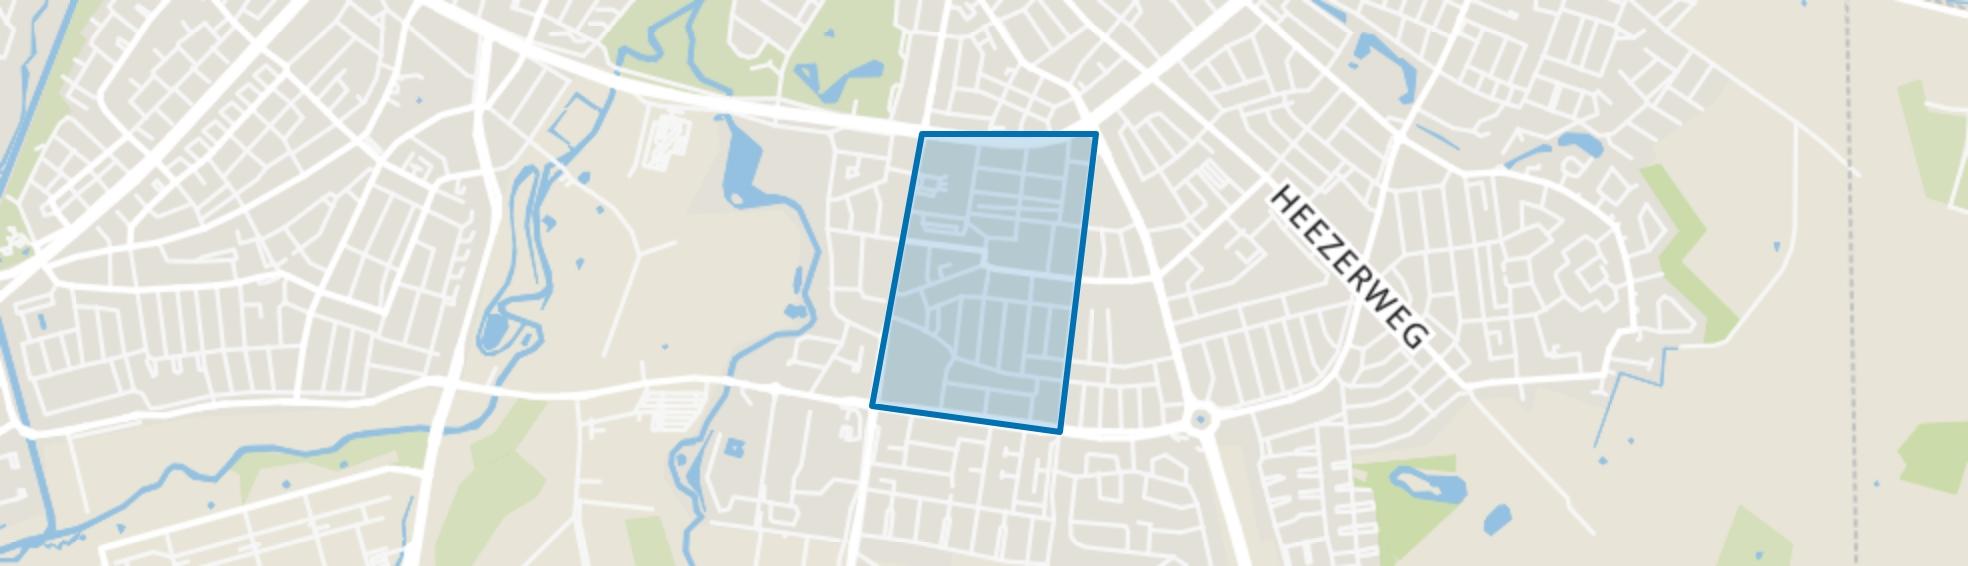 Gerardusplein, Eindhoven map